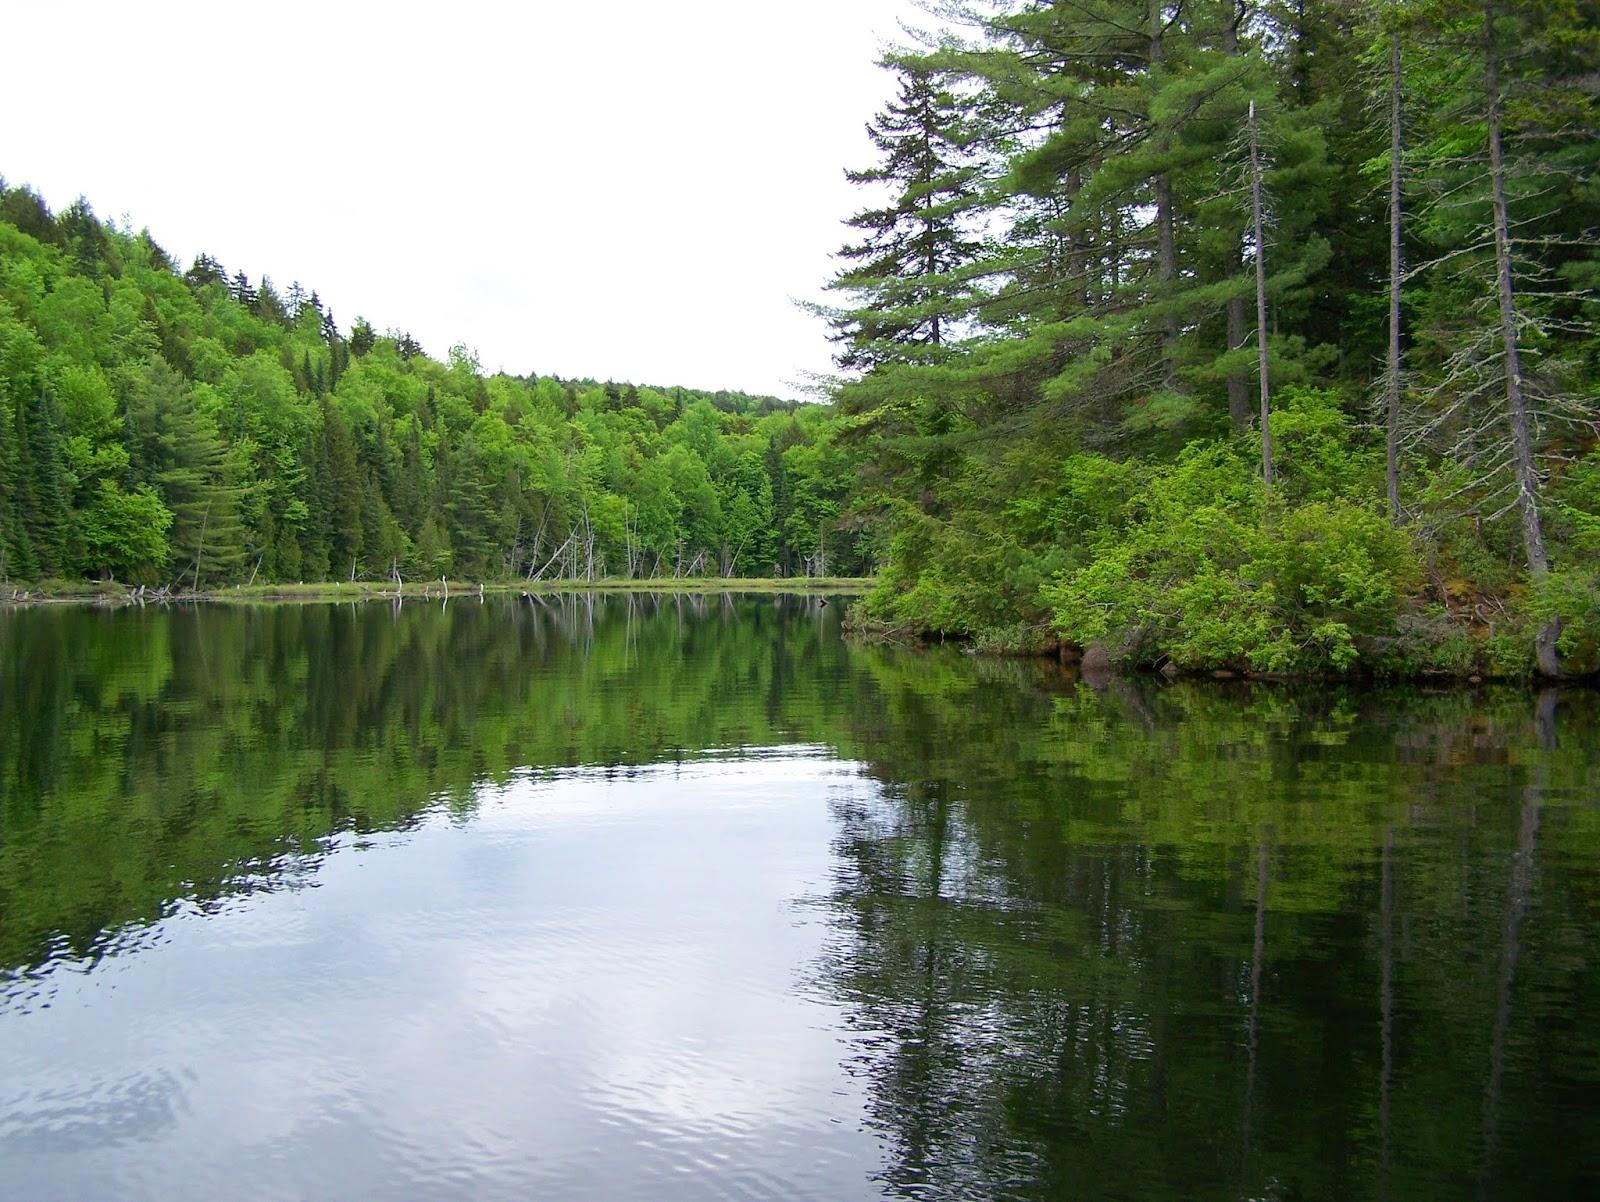 Pêche Lac Blanc, Daniel Lefaivre, pêche à la truite, pêche Mauricie, pêche St-Alexis-des-Monts